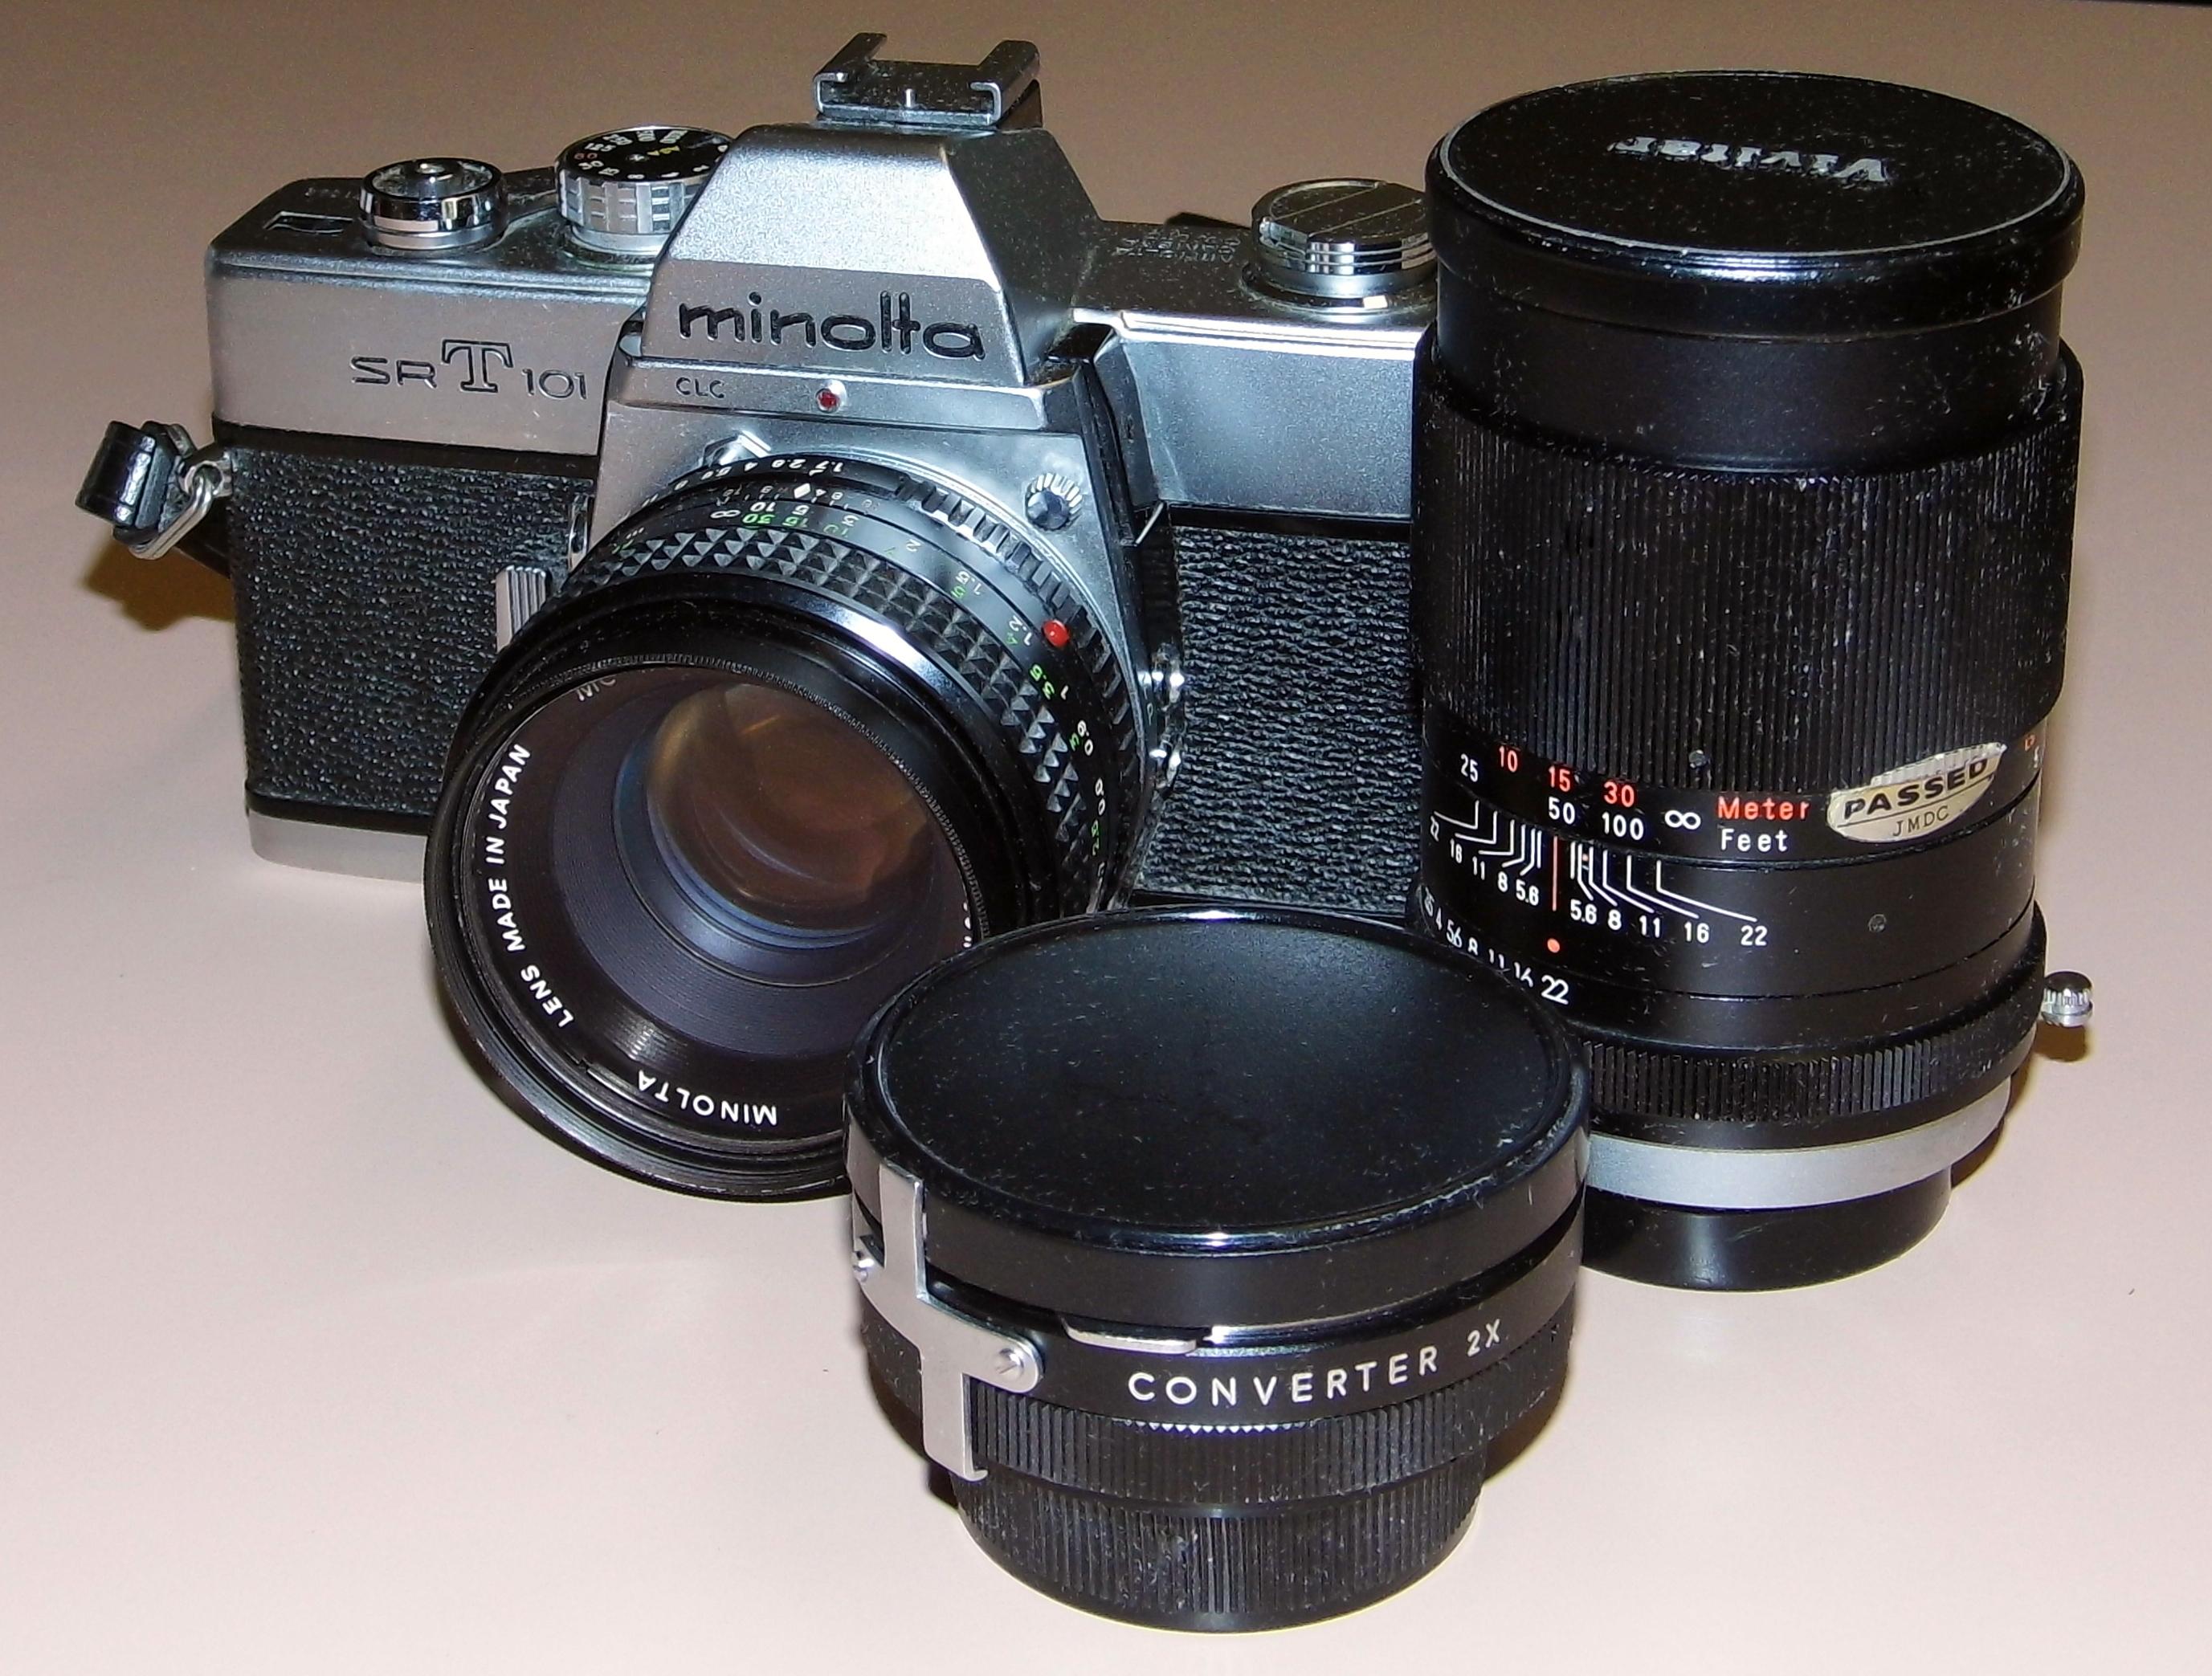 35mm manual slr film camera